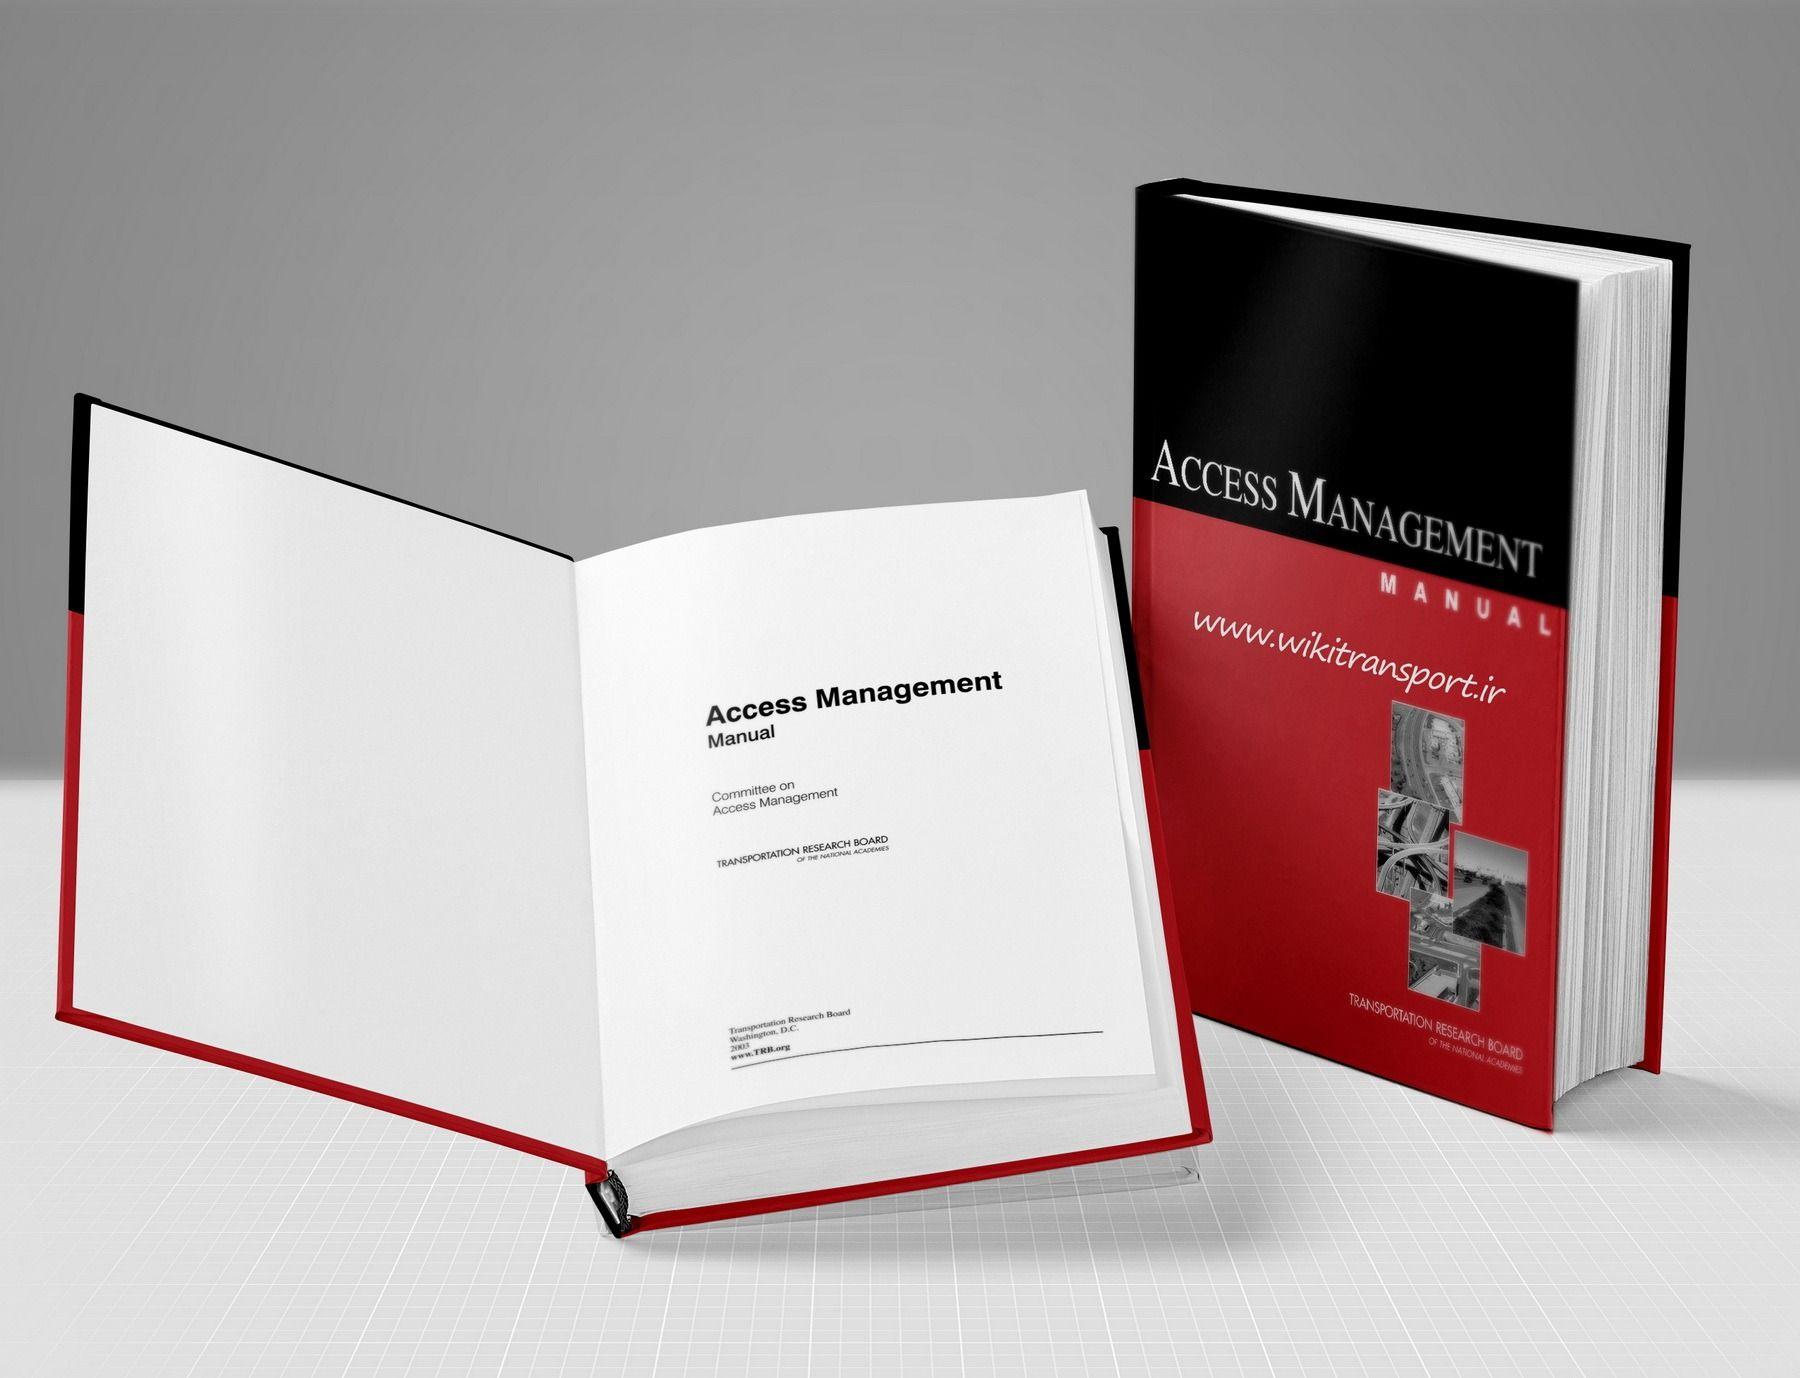 Access Managment Manual